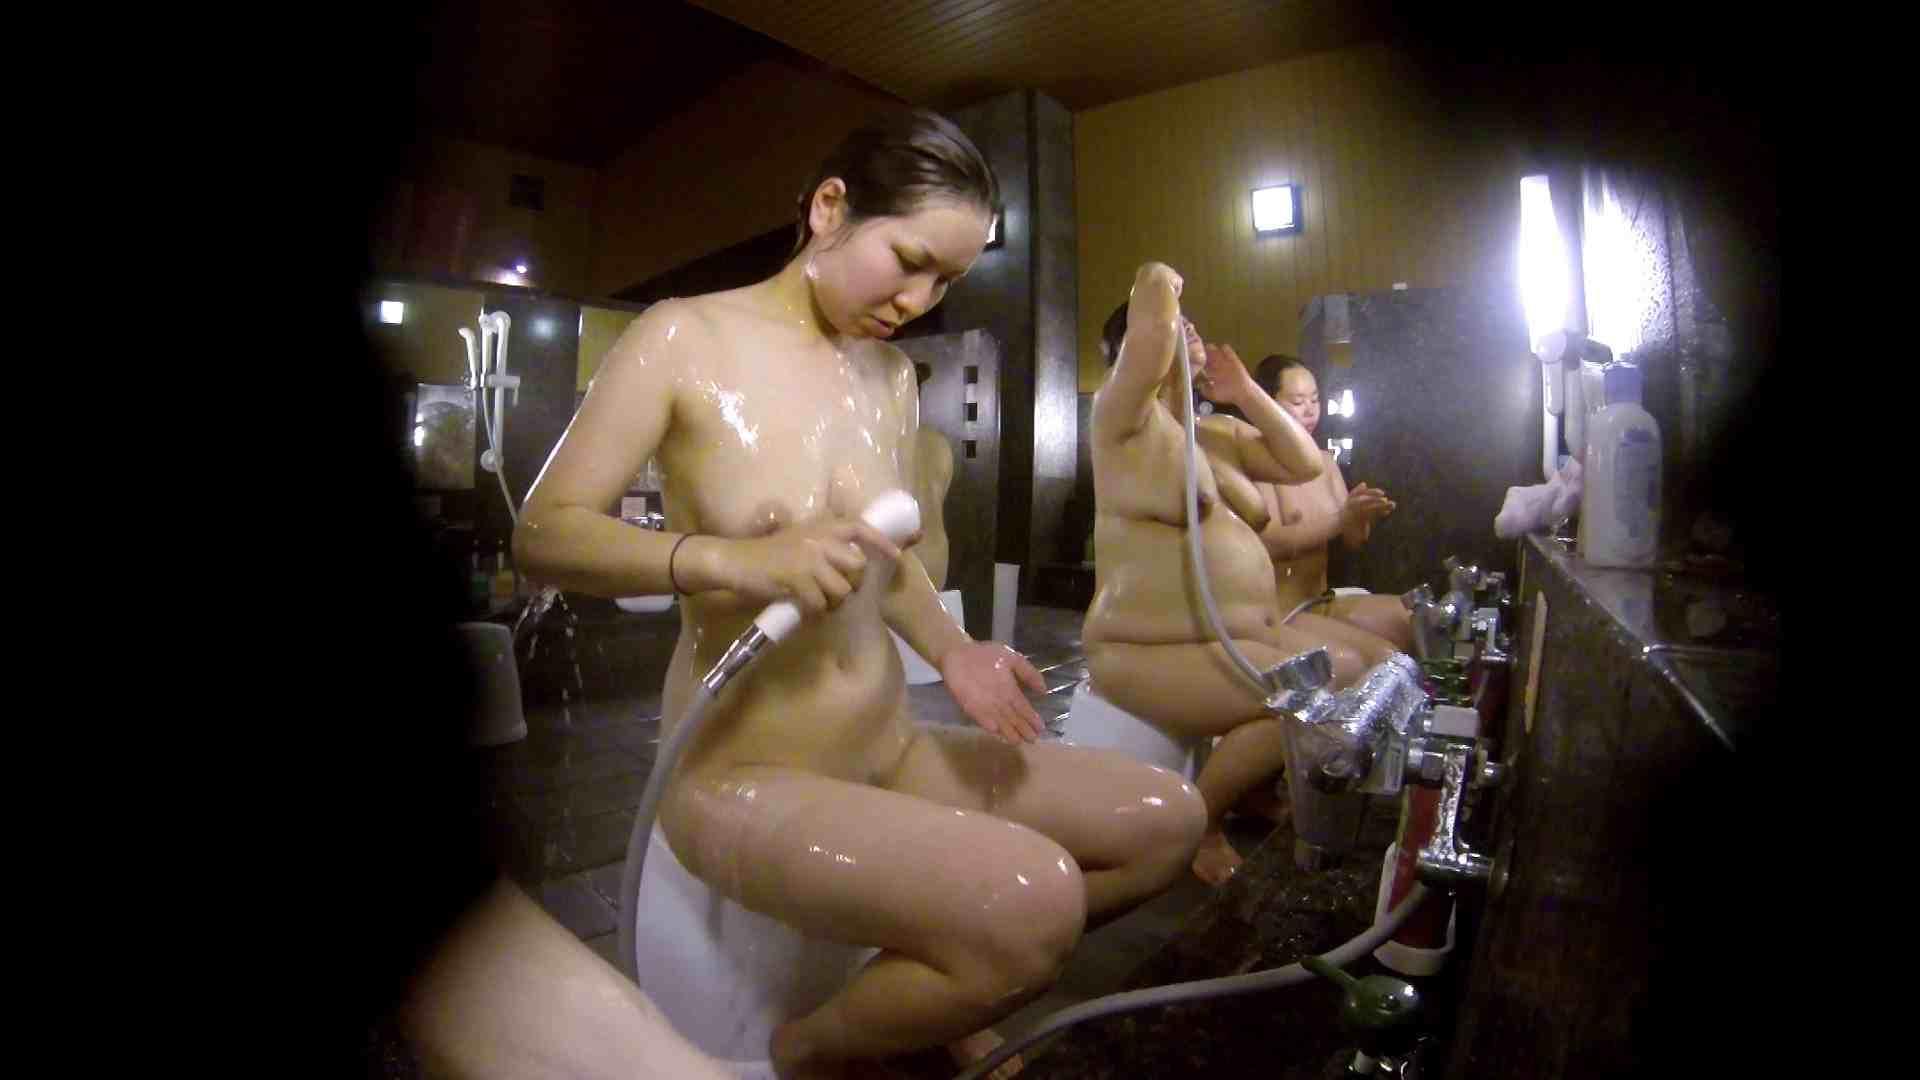 洗い場!色白でなかなかの美巨乳。柔らかく揺れまくりです 銭湯 盗み撮りオマンコ動画キャプチャ 92pic 47